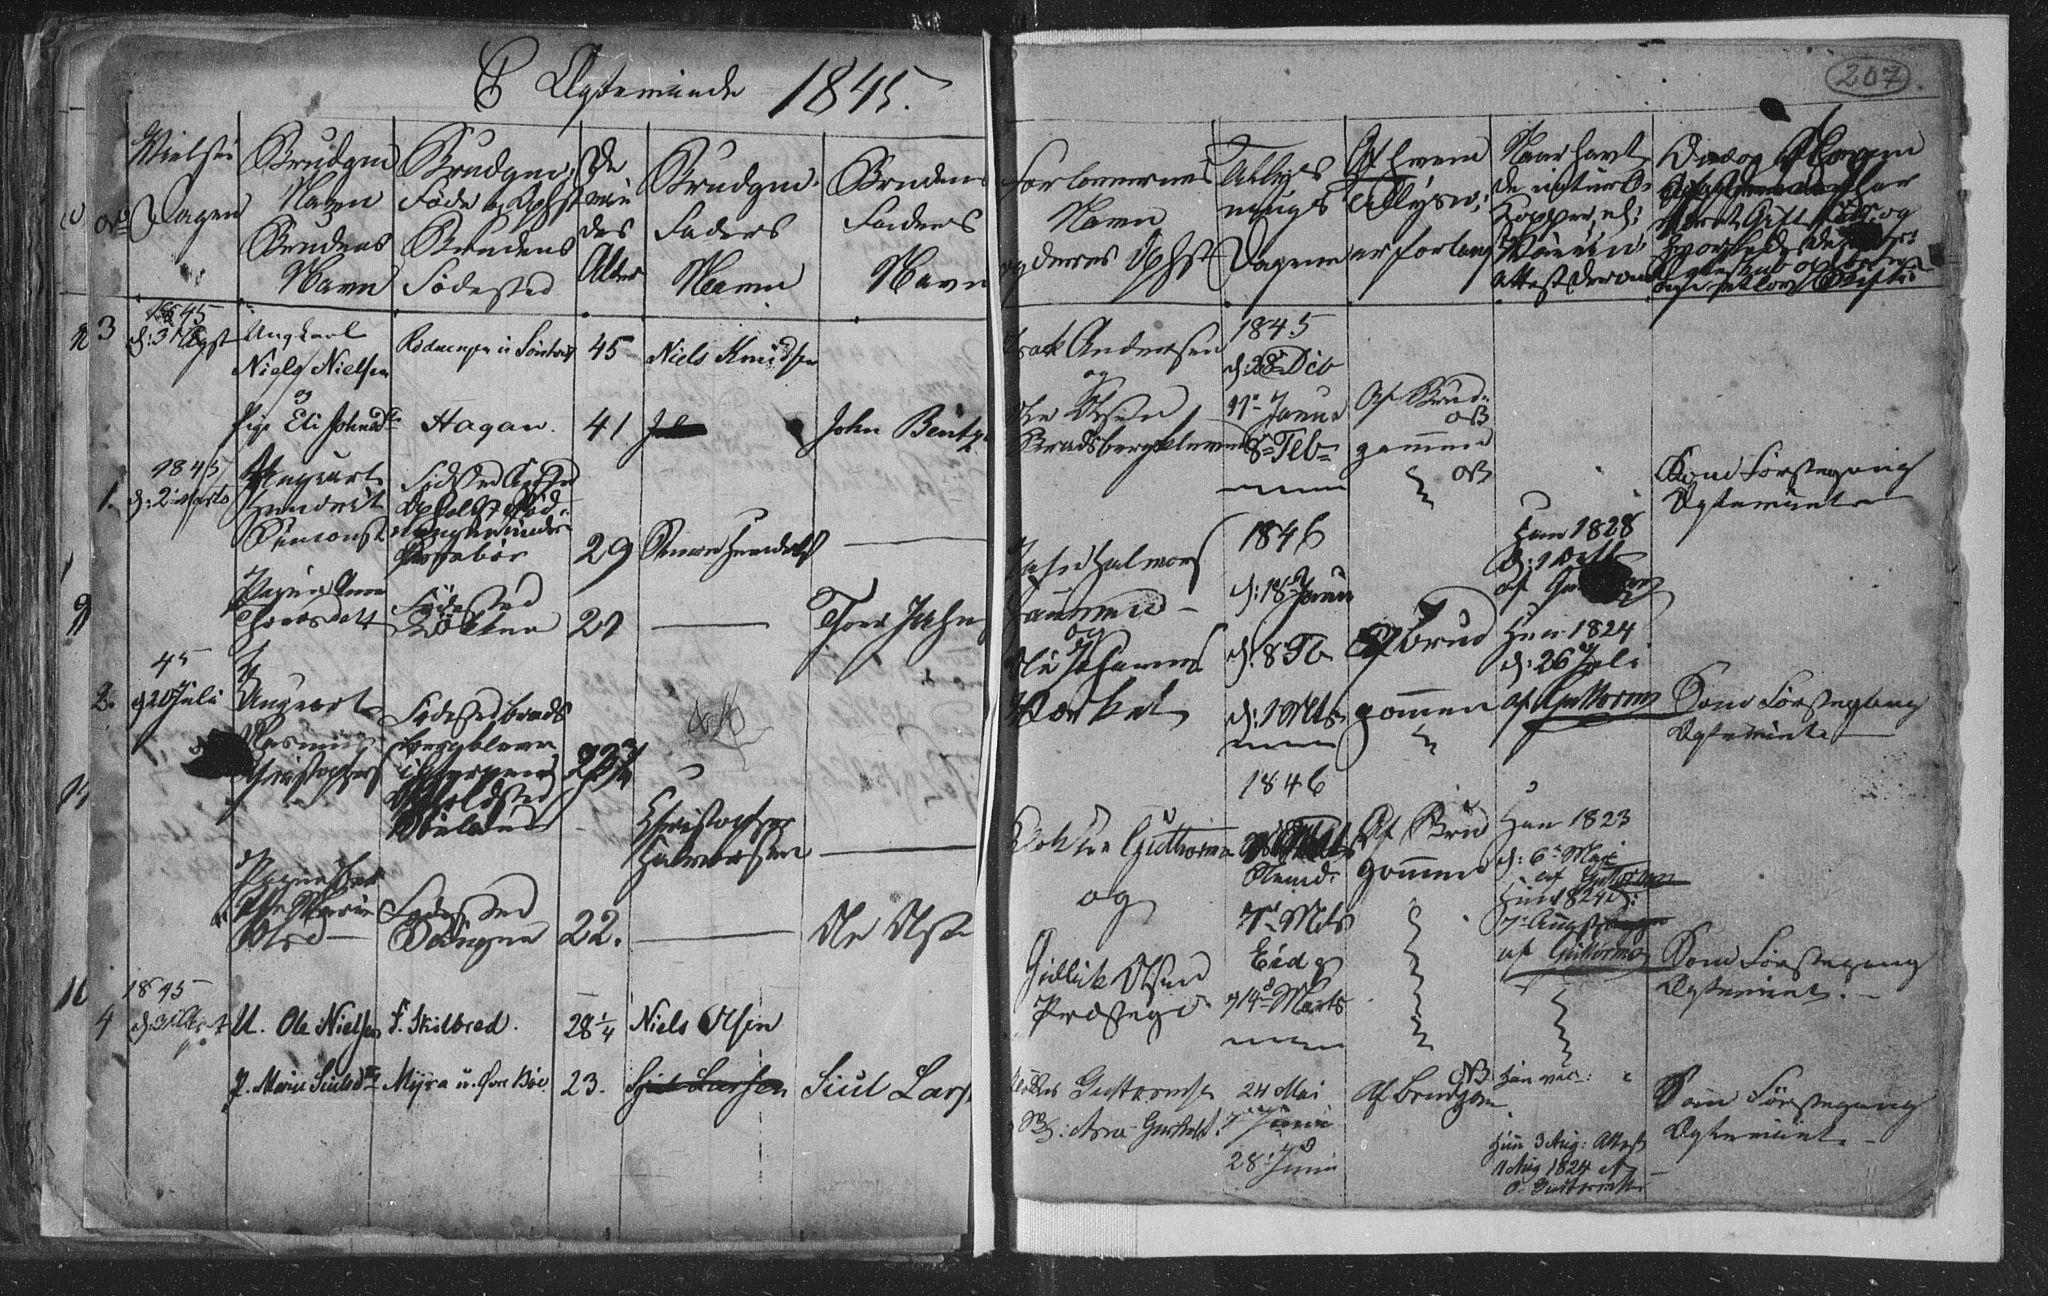 SAKO, Siljan kirkebøker, G/Ga/L0001: Klokkerbok nr. 1, 1827-1847, s. 207